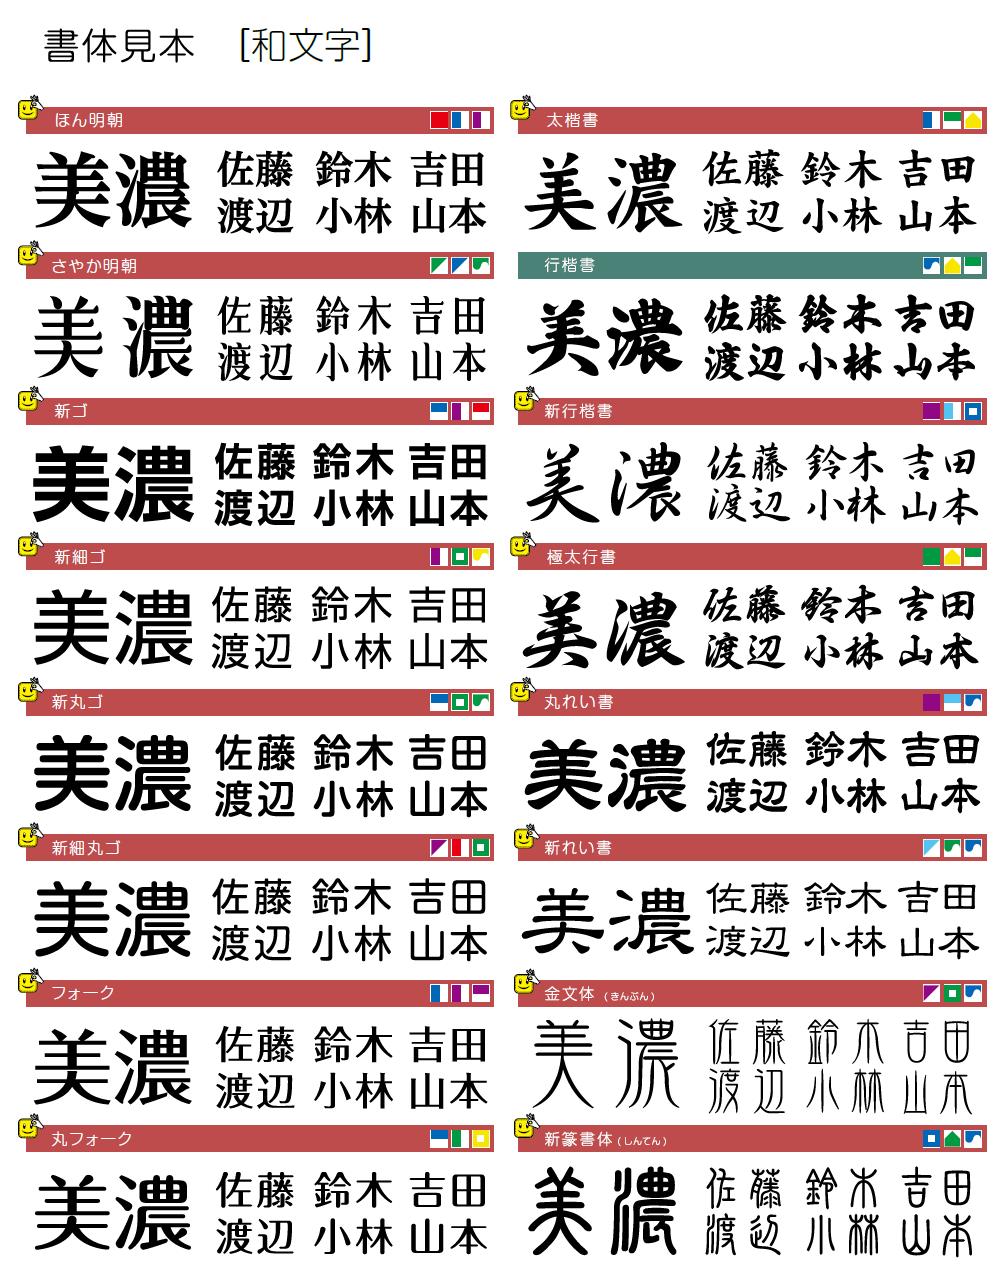 美濃クラフト 漢字書体画像1